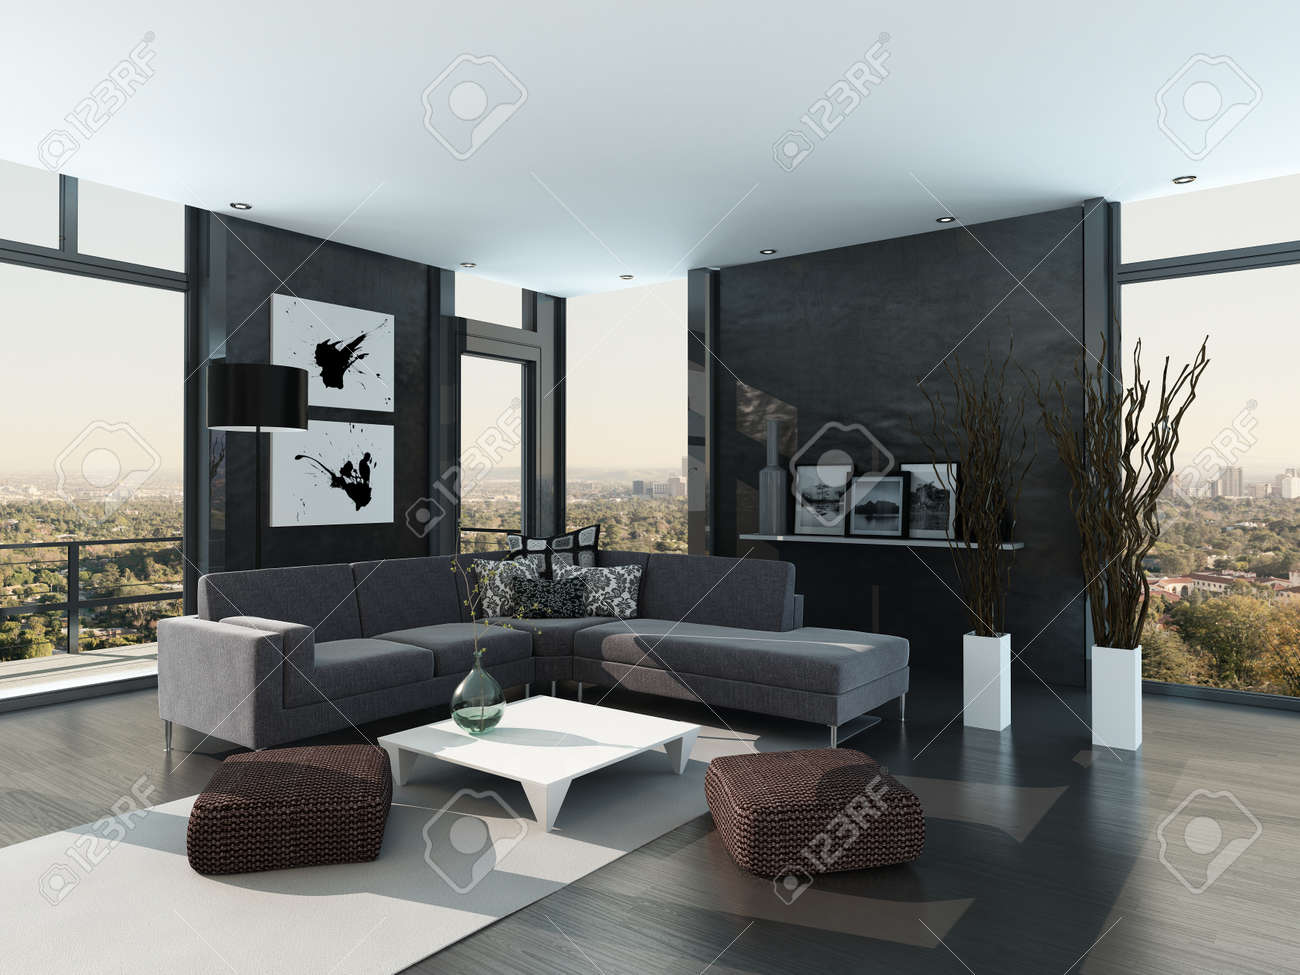 Couleur design moderne intérieur gris salon banque d'images et ...